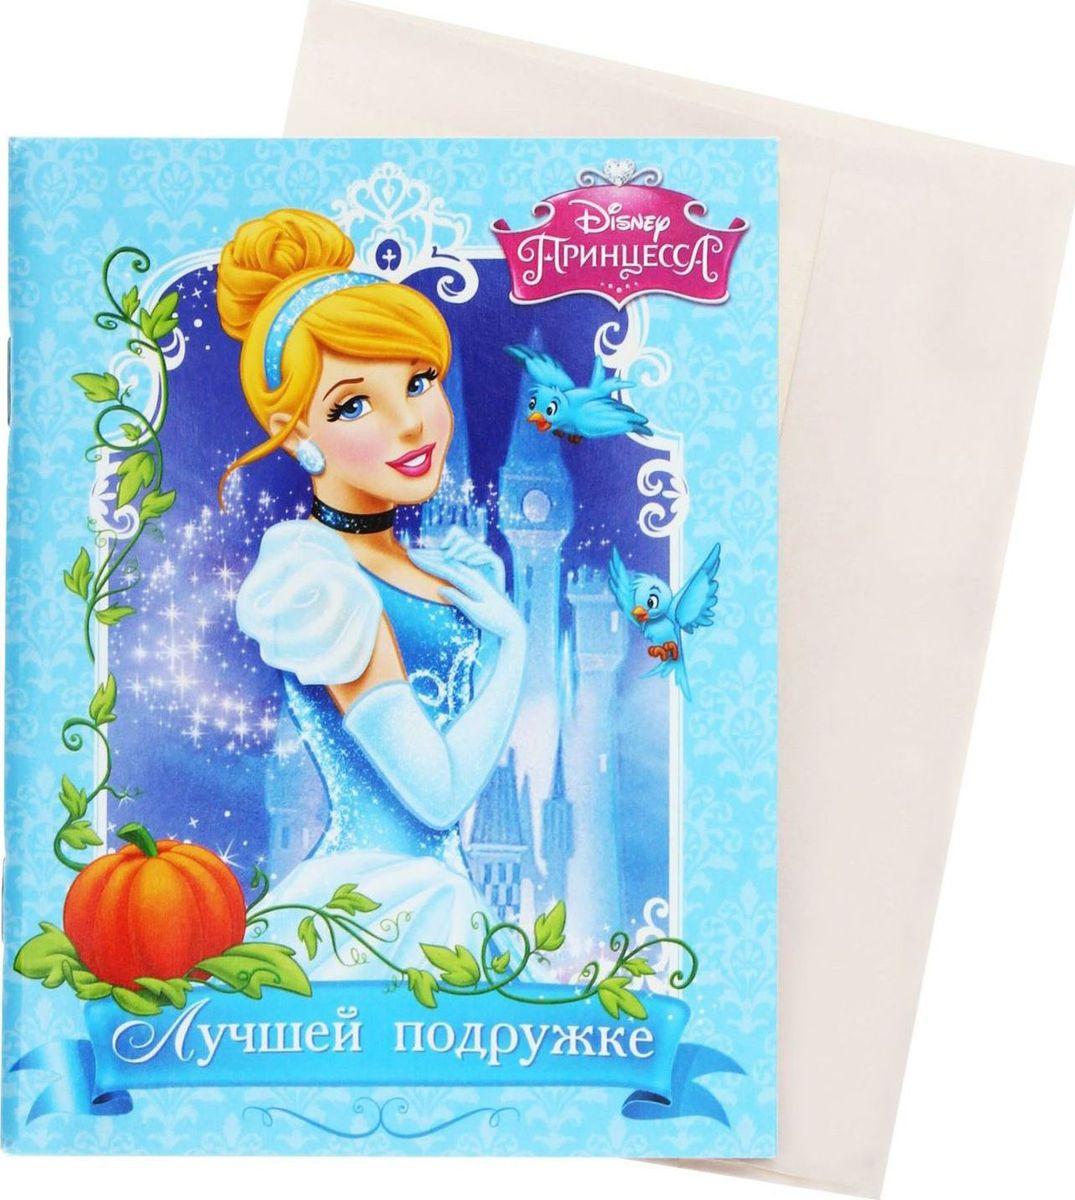 Disney Блокнот-открытка Принцессы Лучшей подружке 32 листа1121647Перед вами уникальная разработка - блокнот-открытка Disney Принцессы. Лучшейподружке. С одной стороны, это яркая открытка с героинейлюбимого мультфильма, а стоит заглянуть внутрь, и вы найдете 32 дизайнерскихлиста с бархатной фактурой. Роскошный сувенир,разработанный специально для маленьких принцесс. В отличие от обычнойоткрытки, которая зачастую просто пылится в шкафу, блокнотомЛучшей подружке приятно пользоваться! Все элементы украшены милымикомплиментами и советами для юных красавиц. Герои мультикаЗолушка изображены на обложке блокнота и на внутренних листах, так чтокаждая запись приносит еще больше удовольствия.Эксклюзивный блокнот-открытка будет прекрасным подарком для любимойподруги любого возраста. В подарок к блокноту-открытке вложенуниверсальный конверт. Подпишите его, открытку и вручите сувенир адресату налюбой праздник.